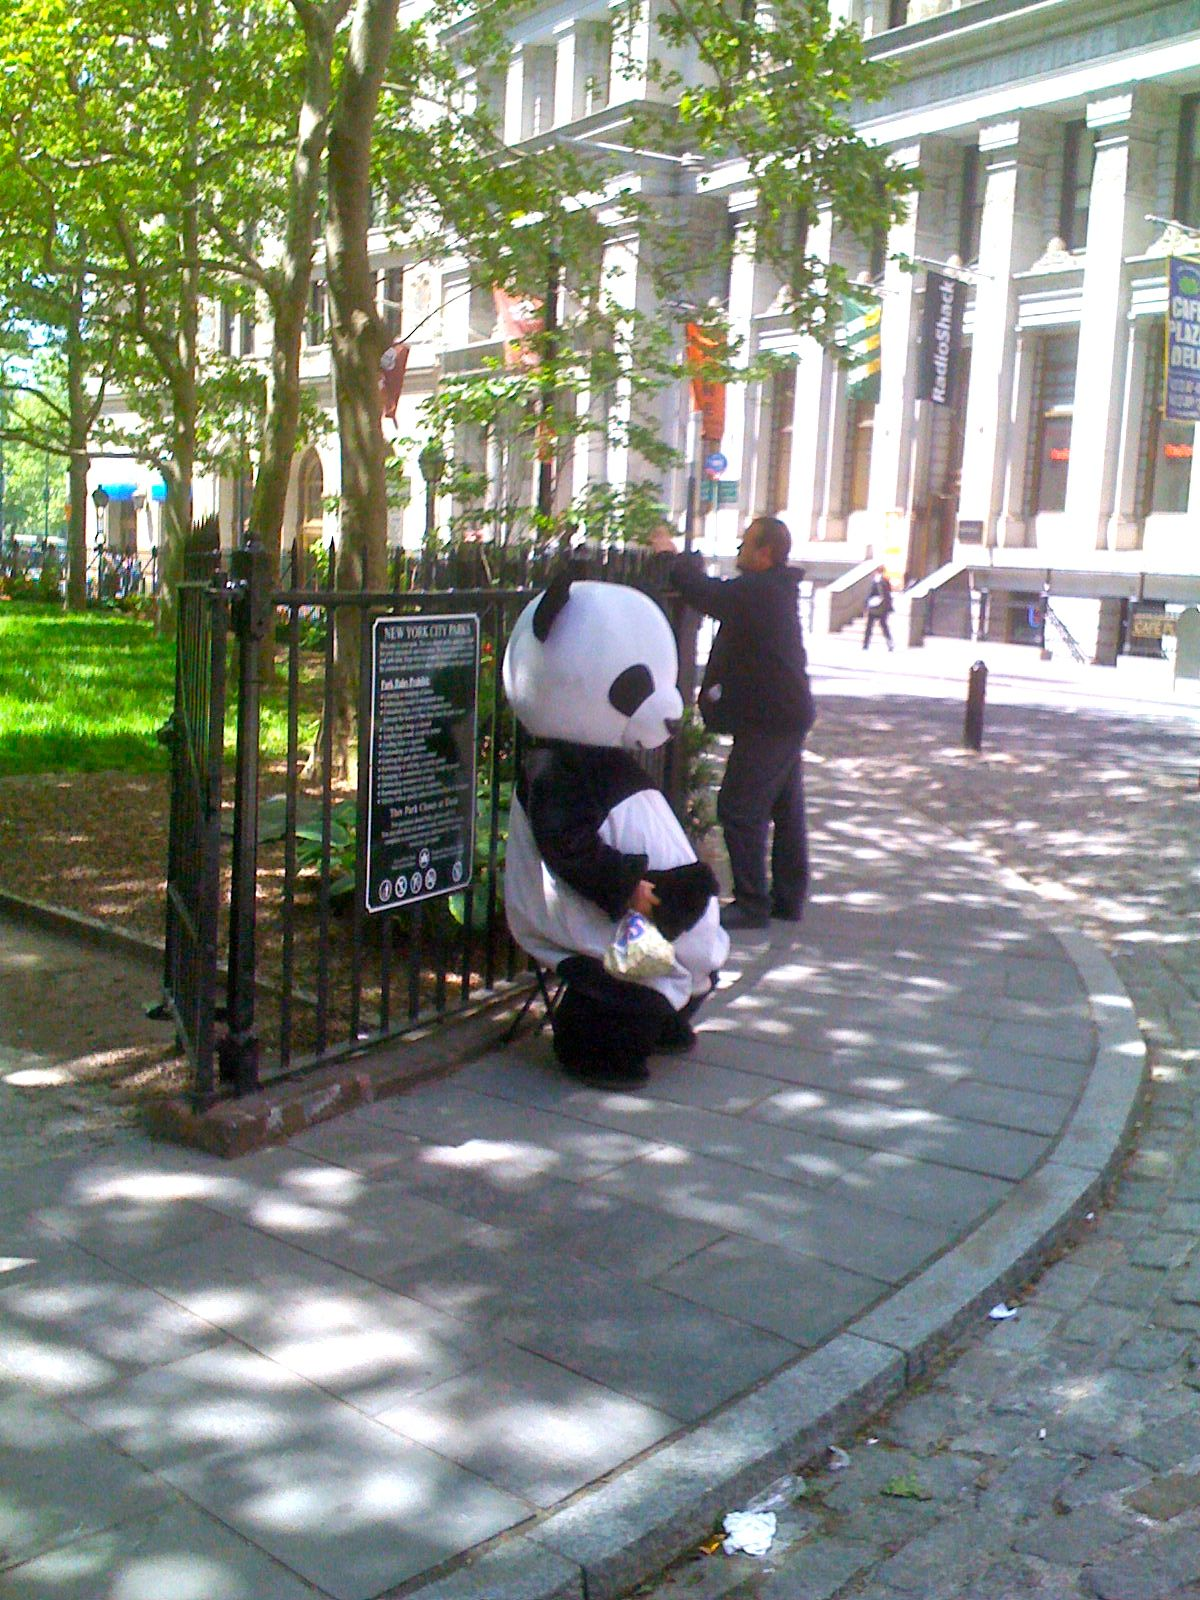 Panda Man takes a load off downtown